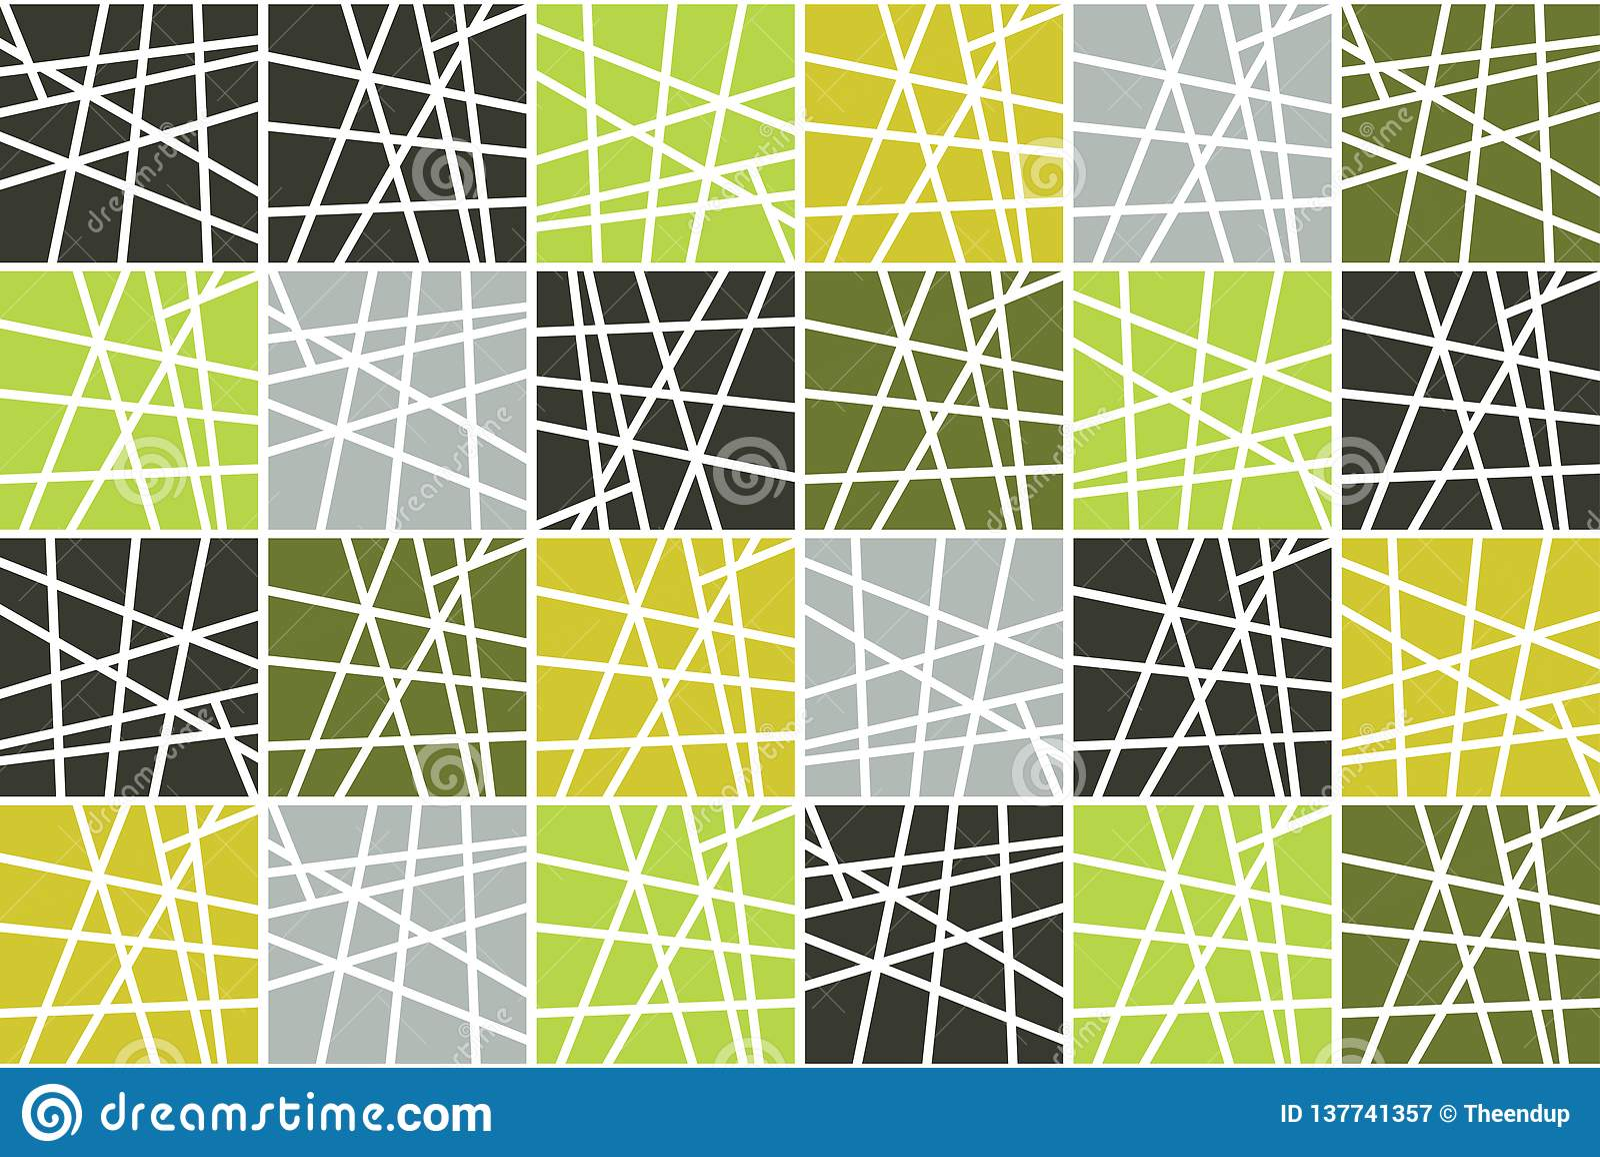 Naadloos, abstract patroon als achtergrond die met gestreepte vierkanten wordt gemaakt